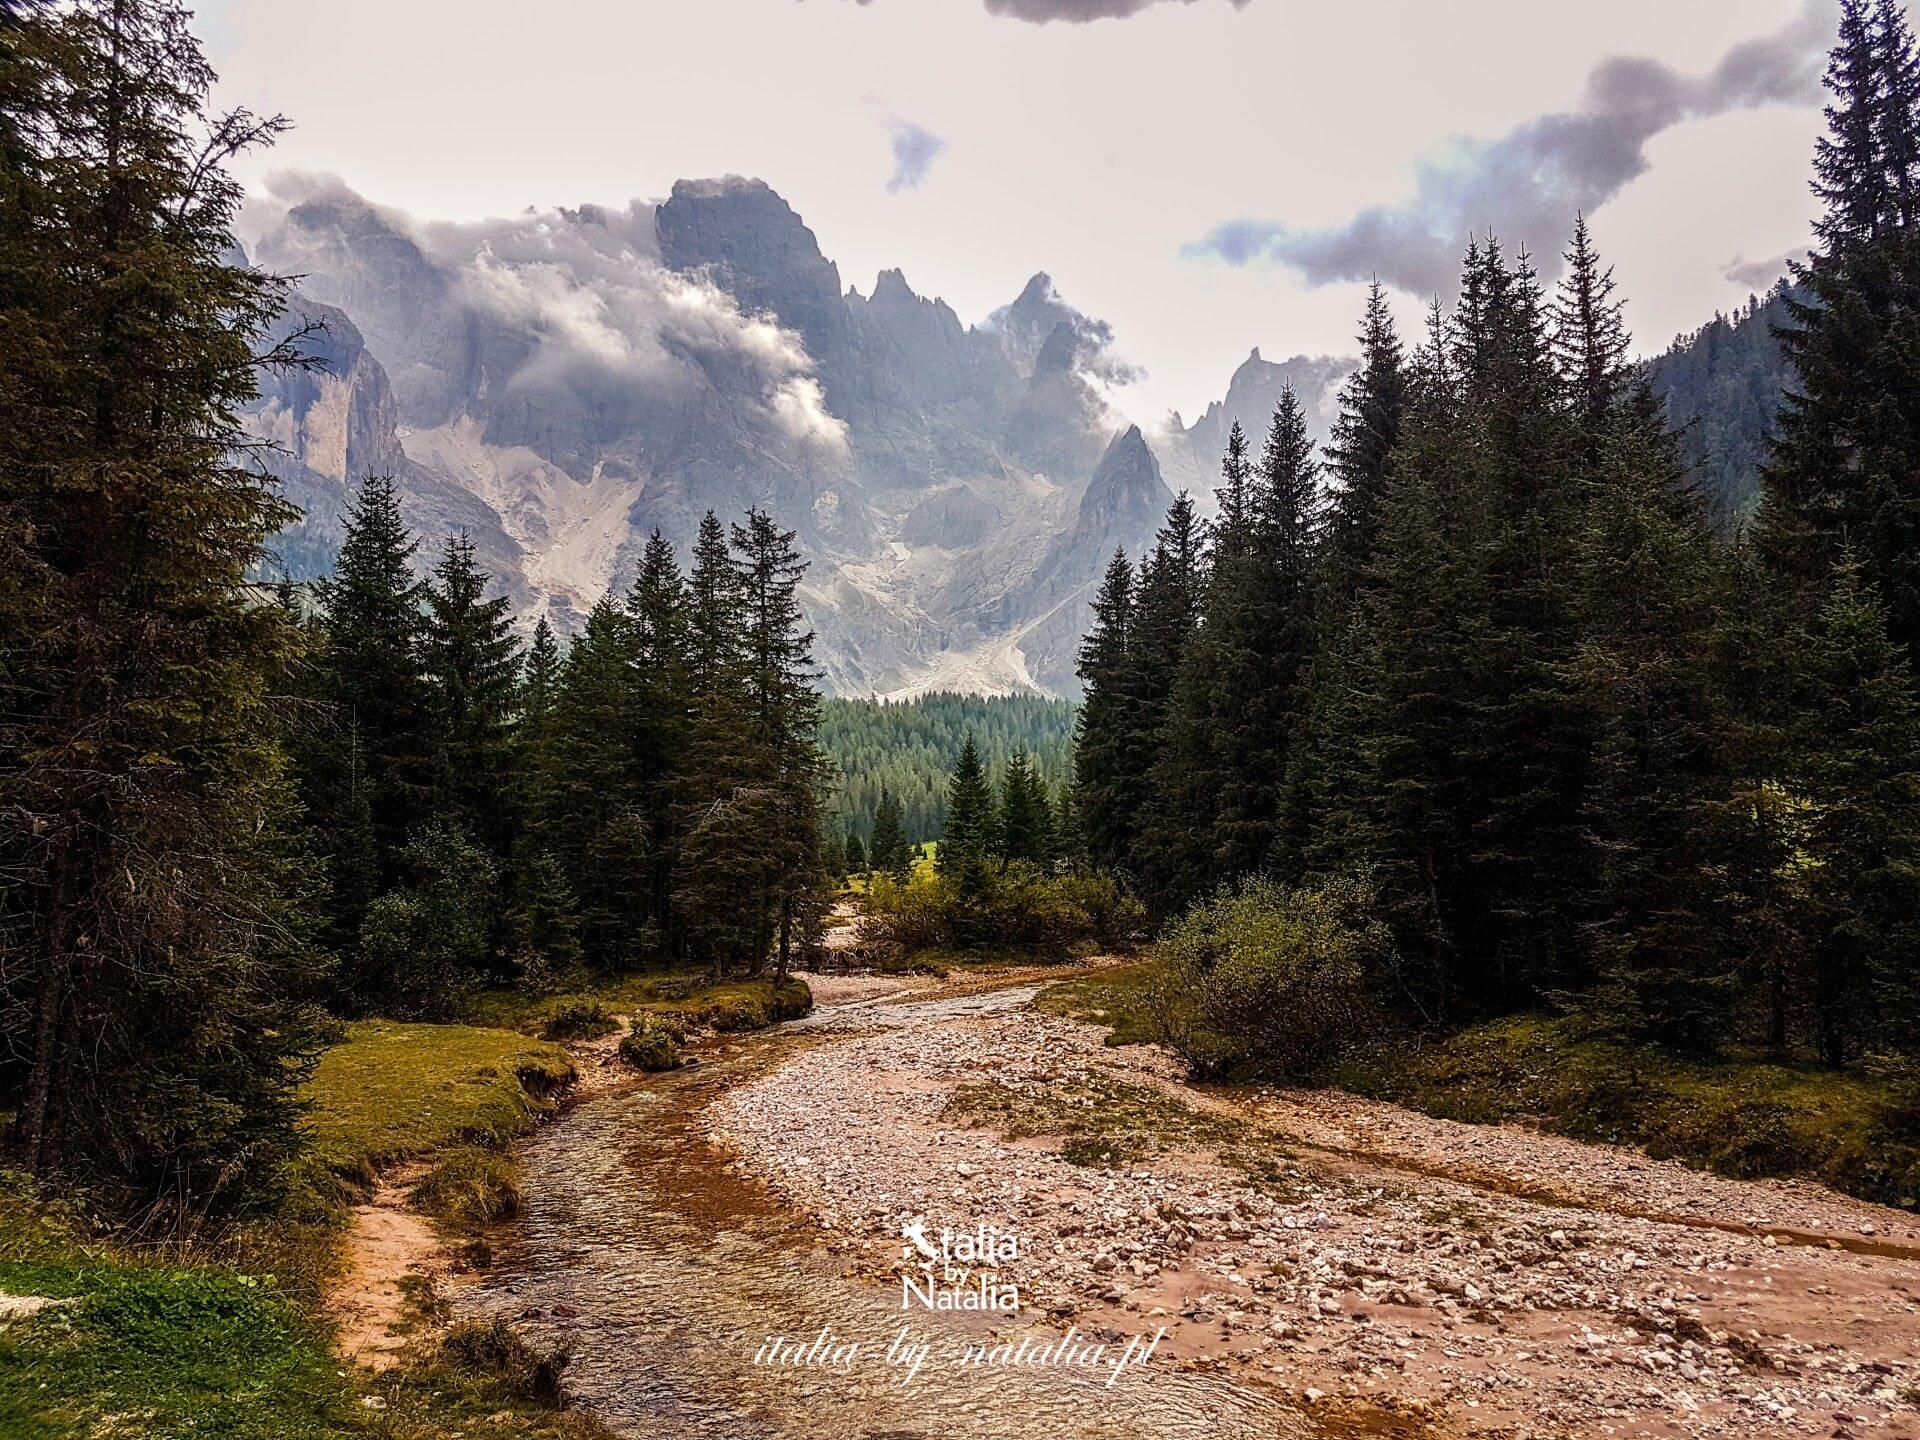 Val Venegia łatwy malowniczy szlak w Pale di San Martino, wschodnie Dolomity